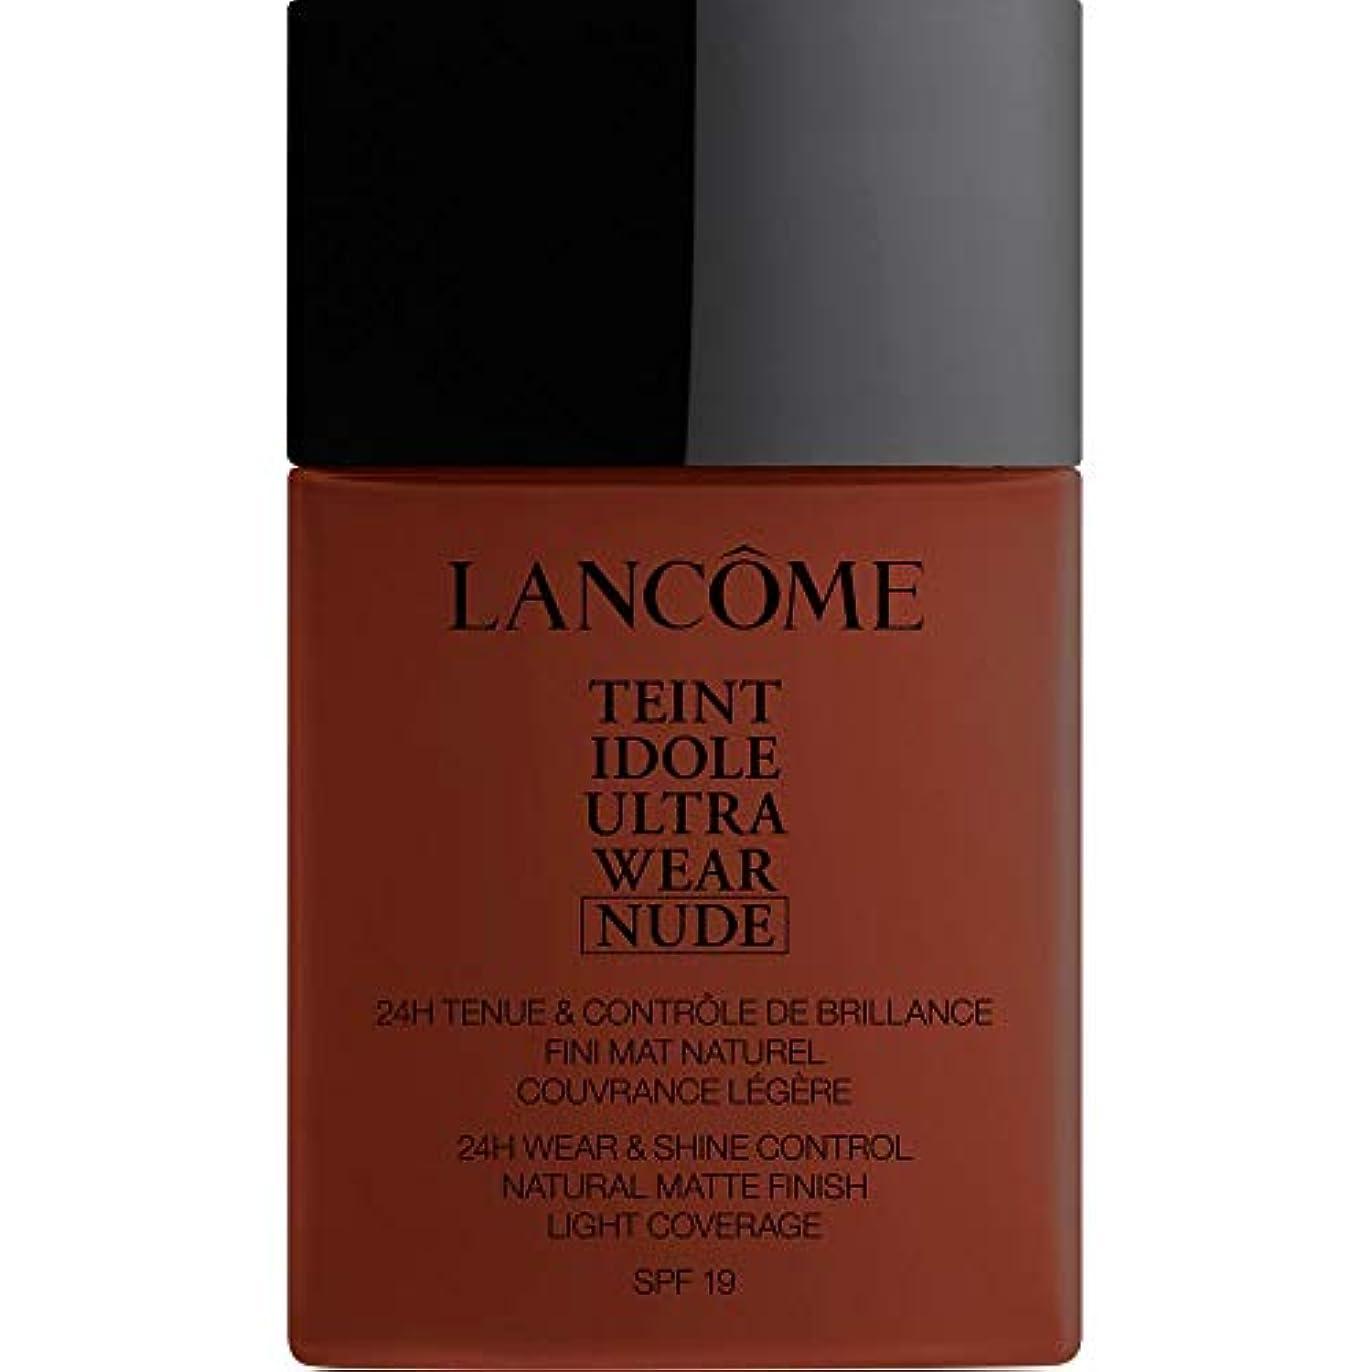 みなさん壊滅的な計算可能[Lanc?me ] ランコムTeintのIdole超摩耗ヌード財団Spf19の40ミリリットル16 - カフェ - Lancome Teint Idole Ultra Wear Nude Foundation SPF19...